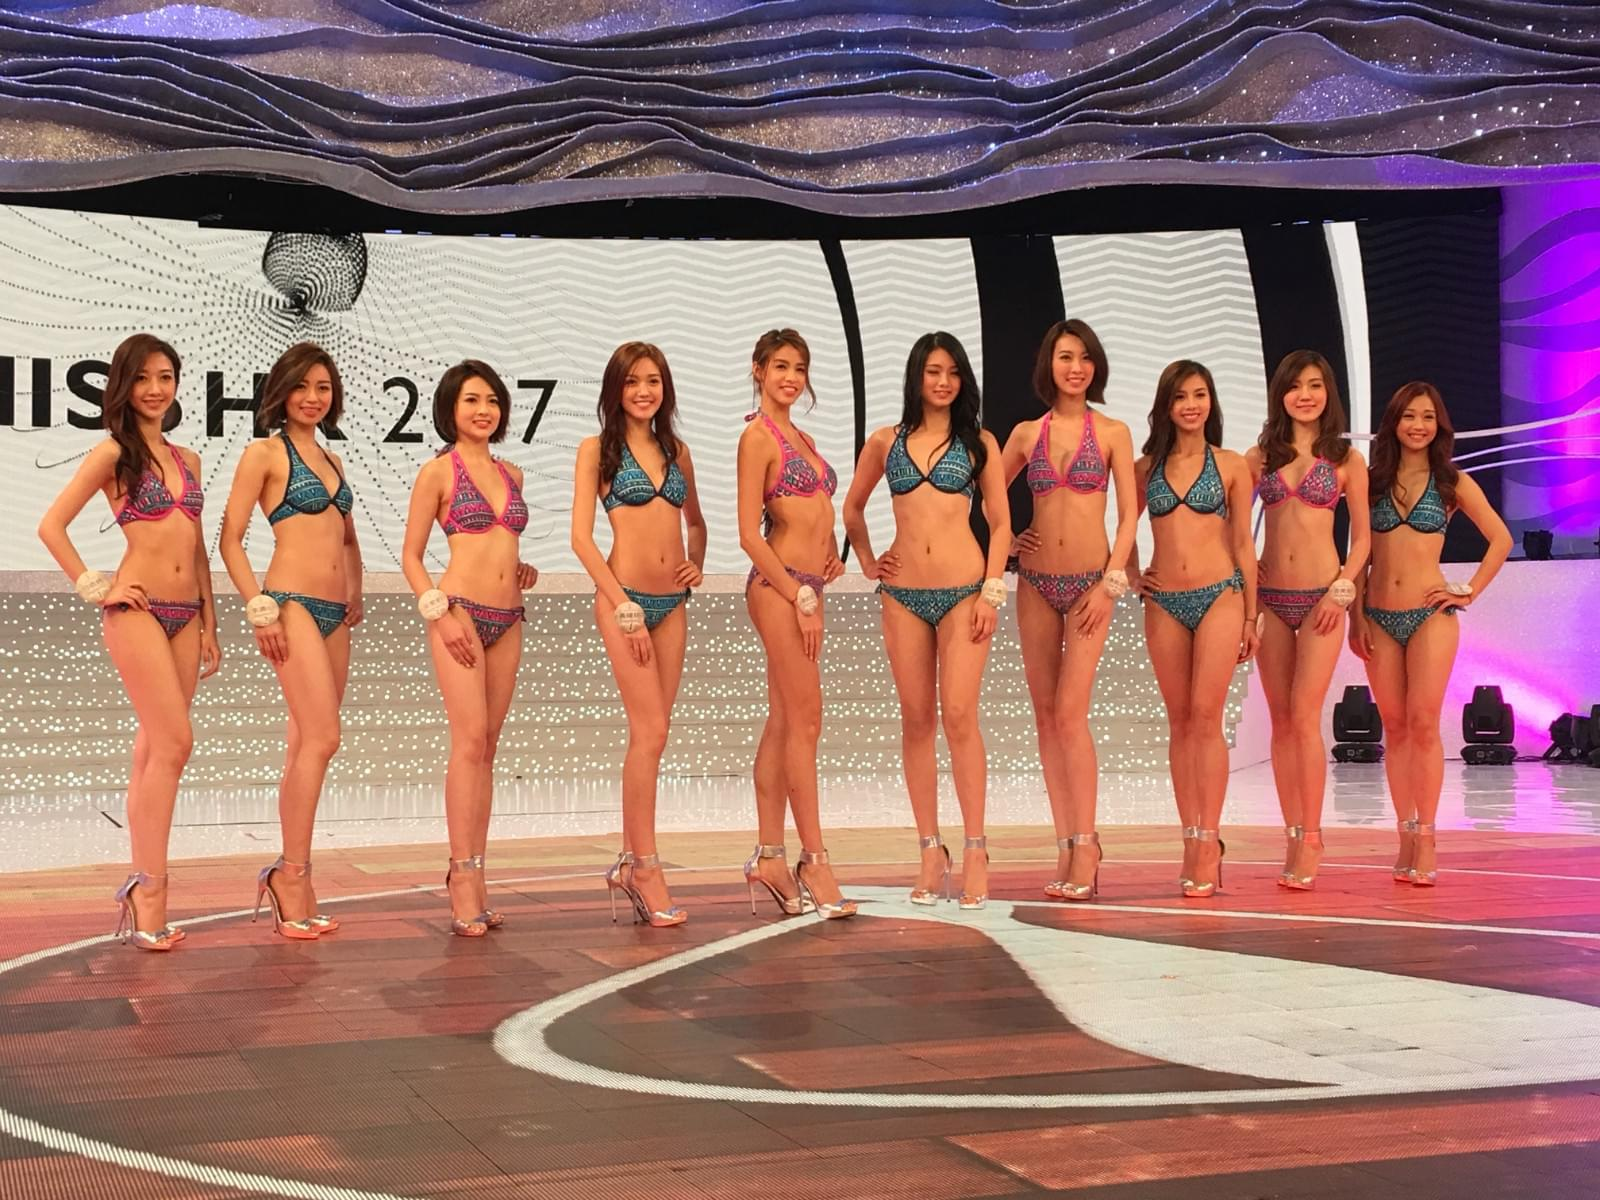 香港小姐三点式泳衣彩排 5号佳丽幸运试戴后冠